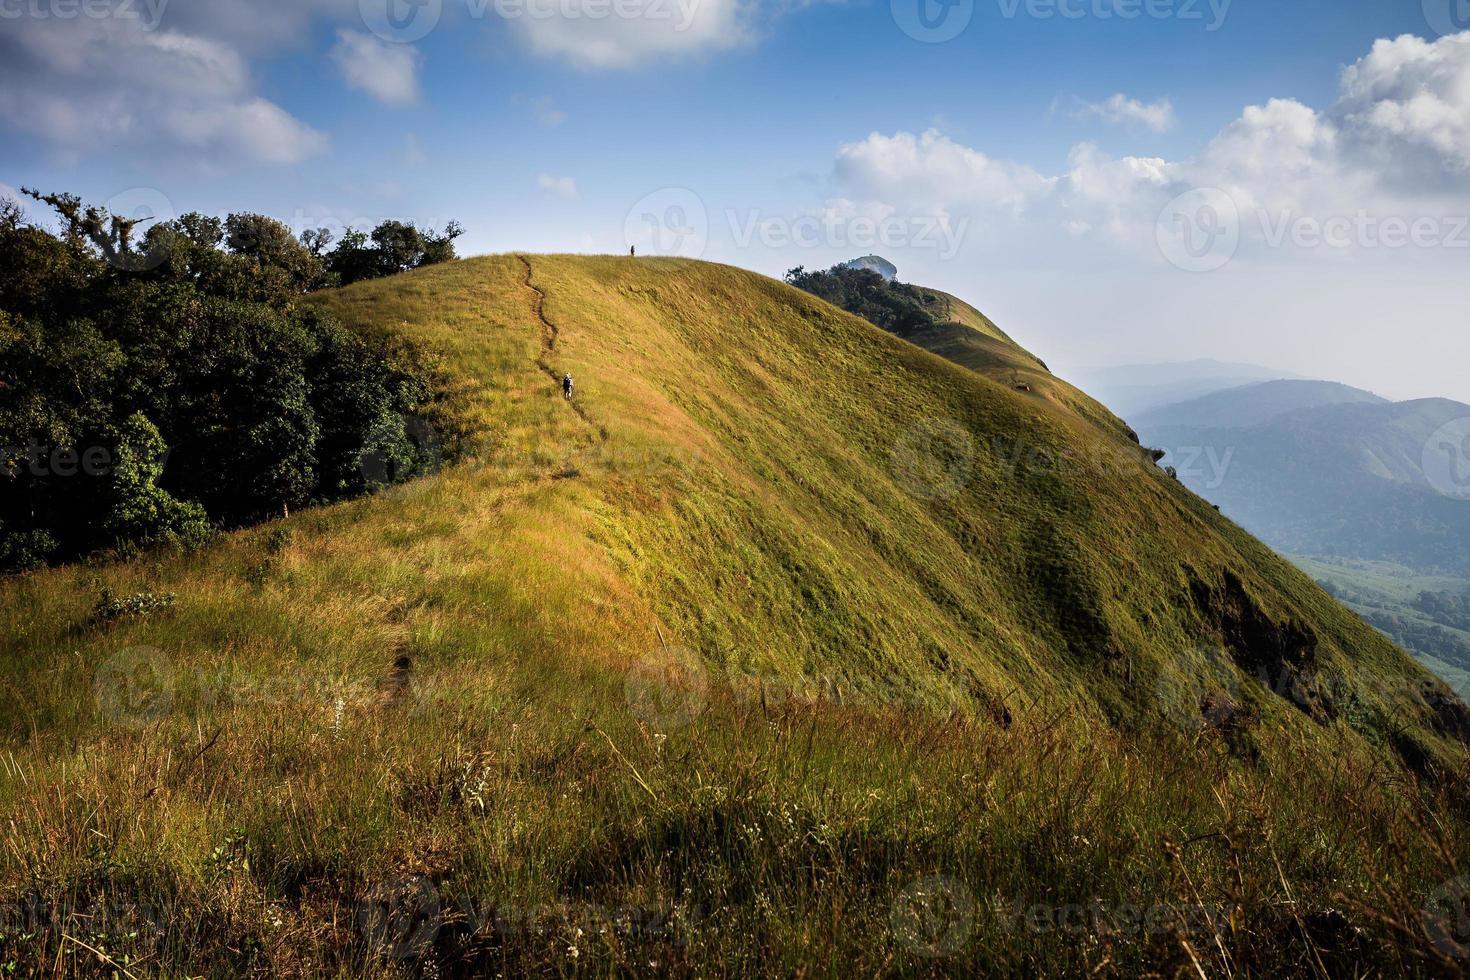 Wanderwege auf dem Berggipfel und blauem Himmel foto